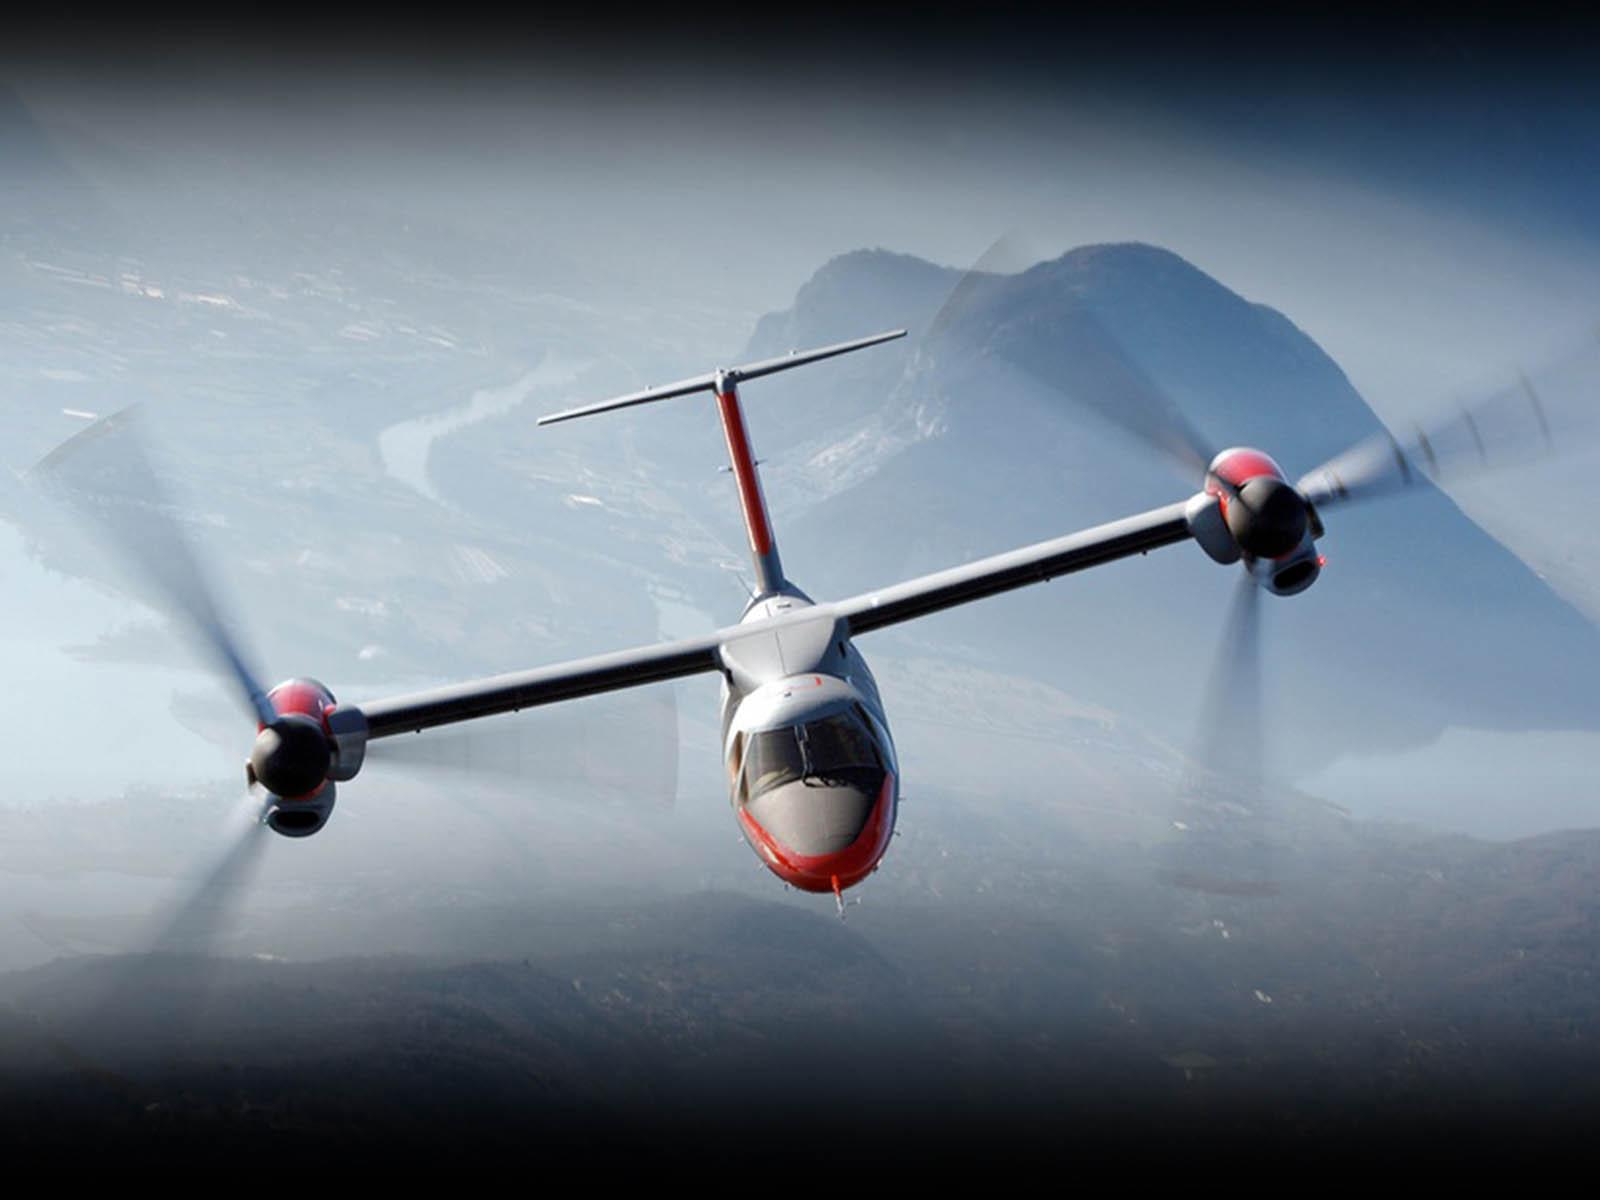 CONVERTIPLANI AW-609 PER IL SAR DEGLI EMIRATI - la consegna di tre velivoli entro il primo trimestre 2019 e un'opzione per un successivo ordine di altri tre AW609.